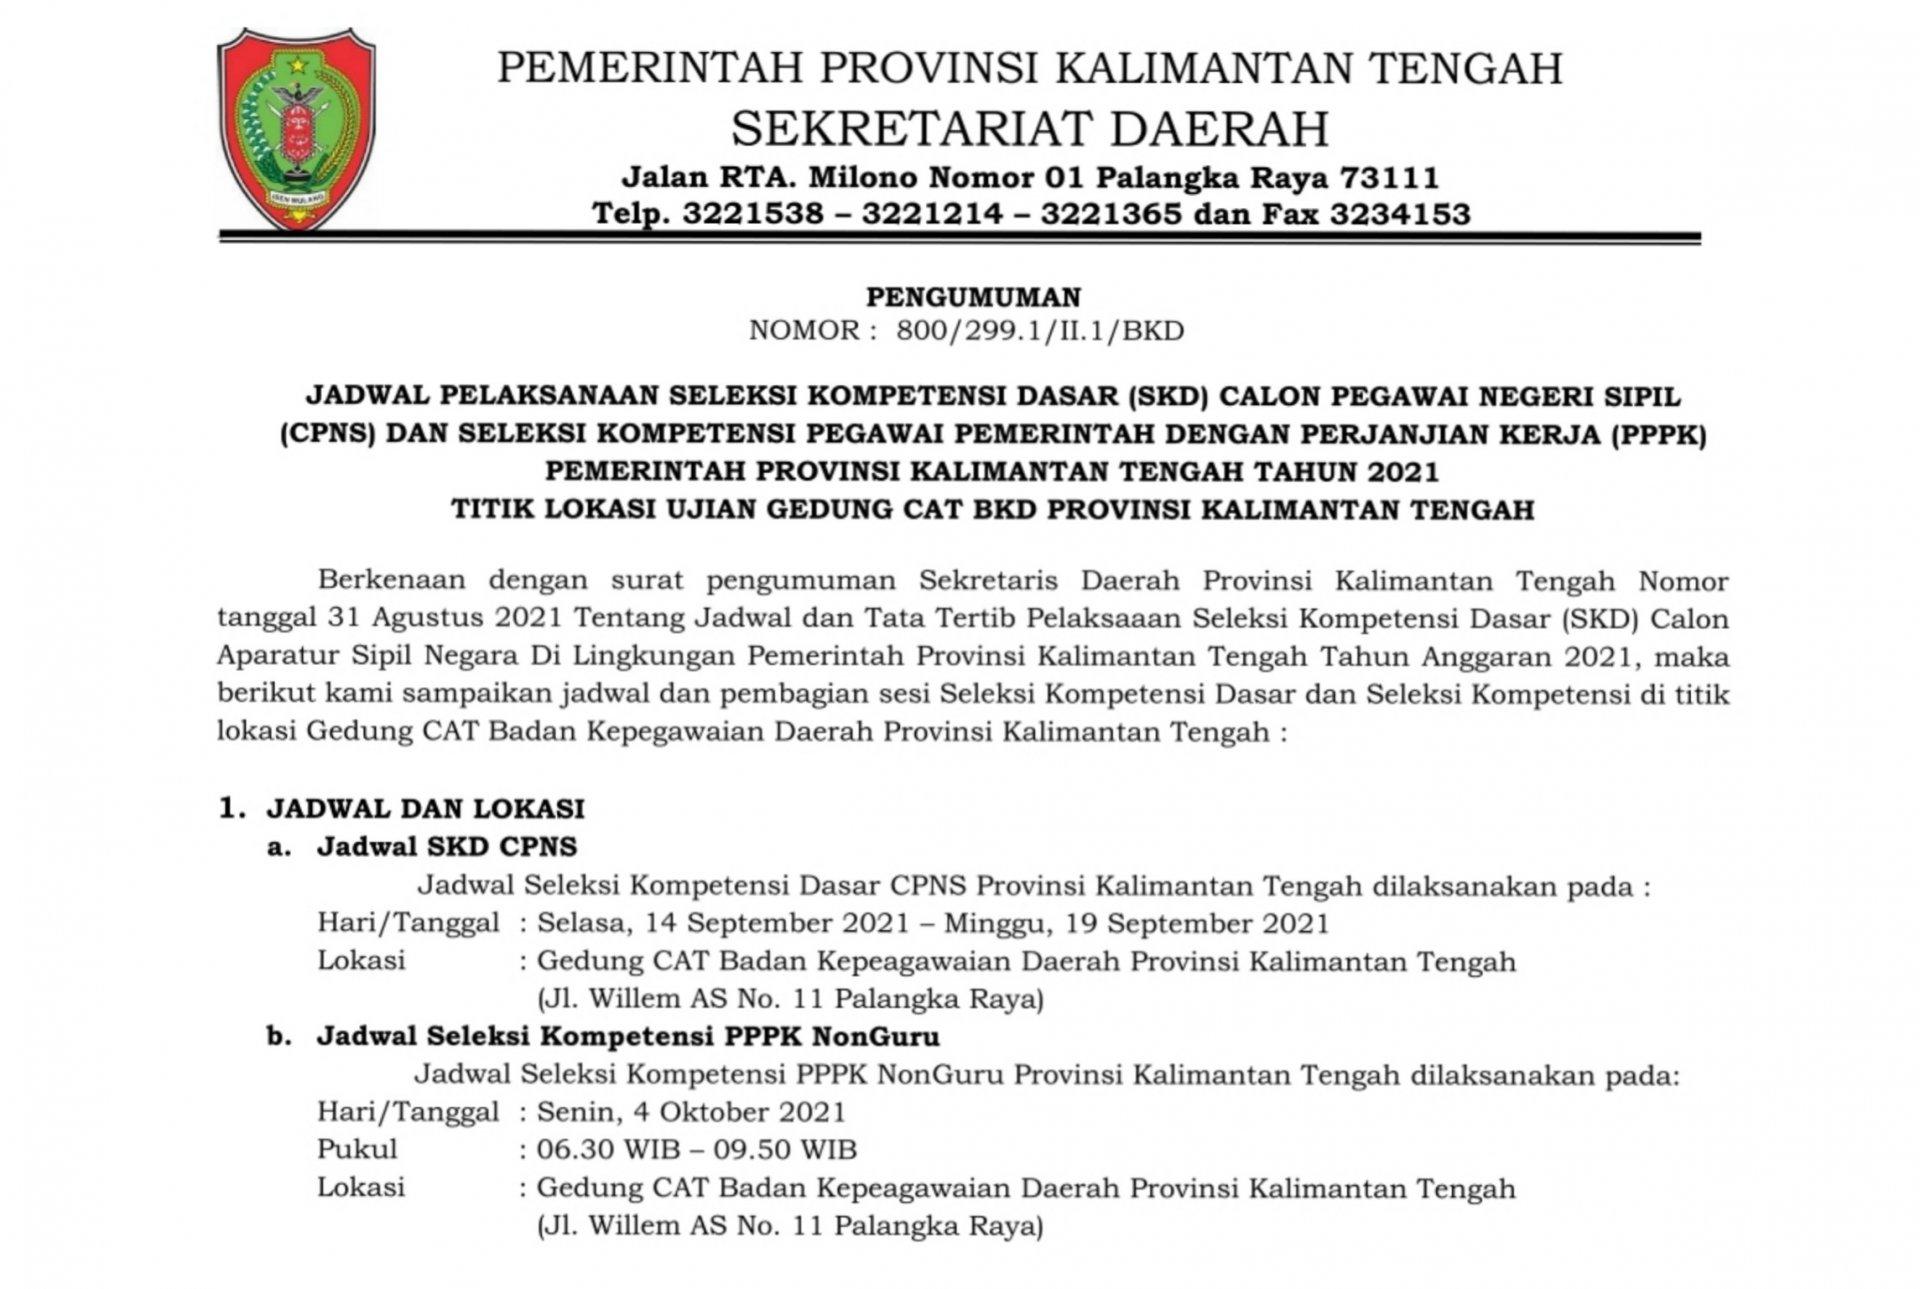 Pengumuman Pelaksanaan SKD CPNS dan Seleksi Kompetensi PPPK NonGuru Pemerintah Provinsi Kalimantan Tengah Tahun 2021